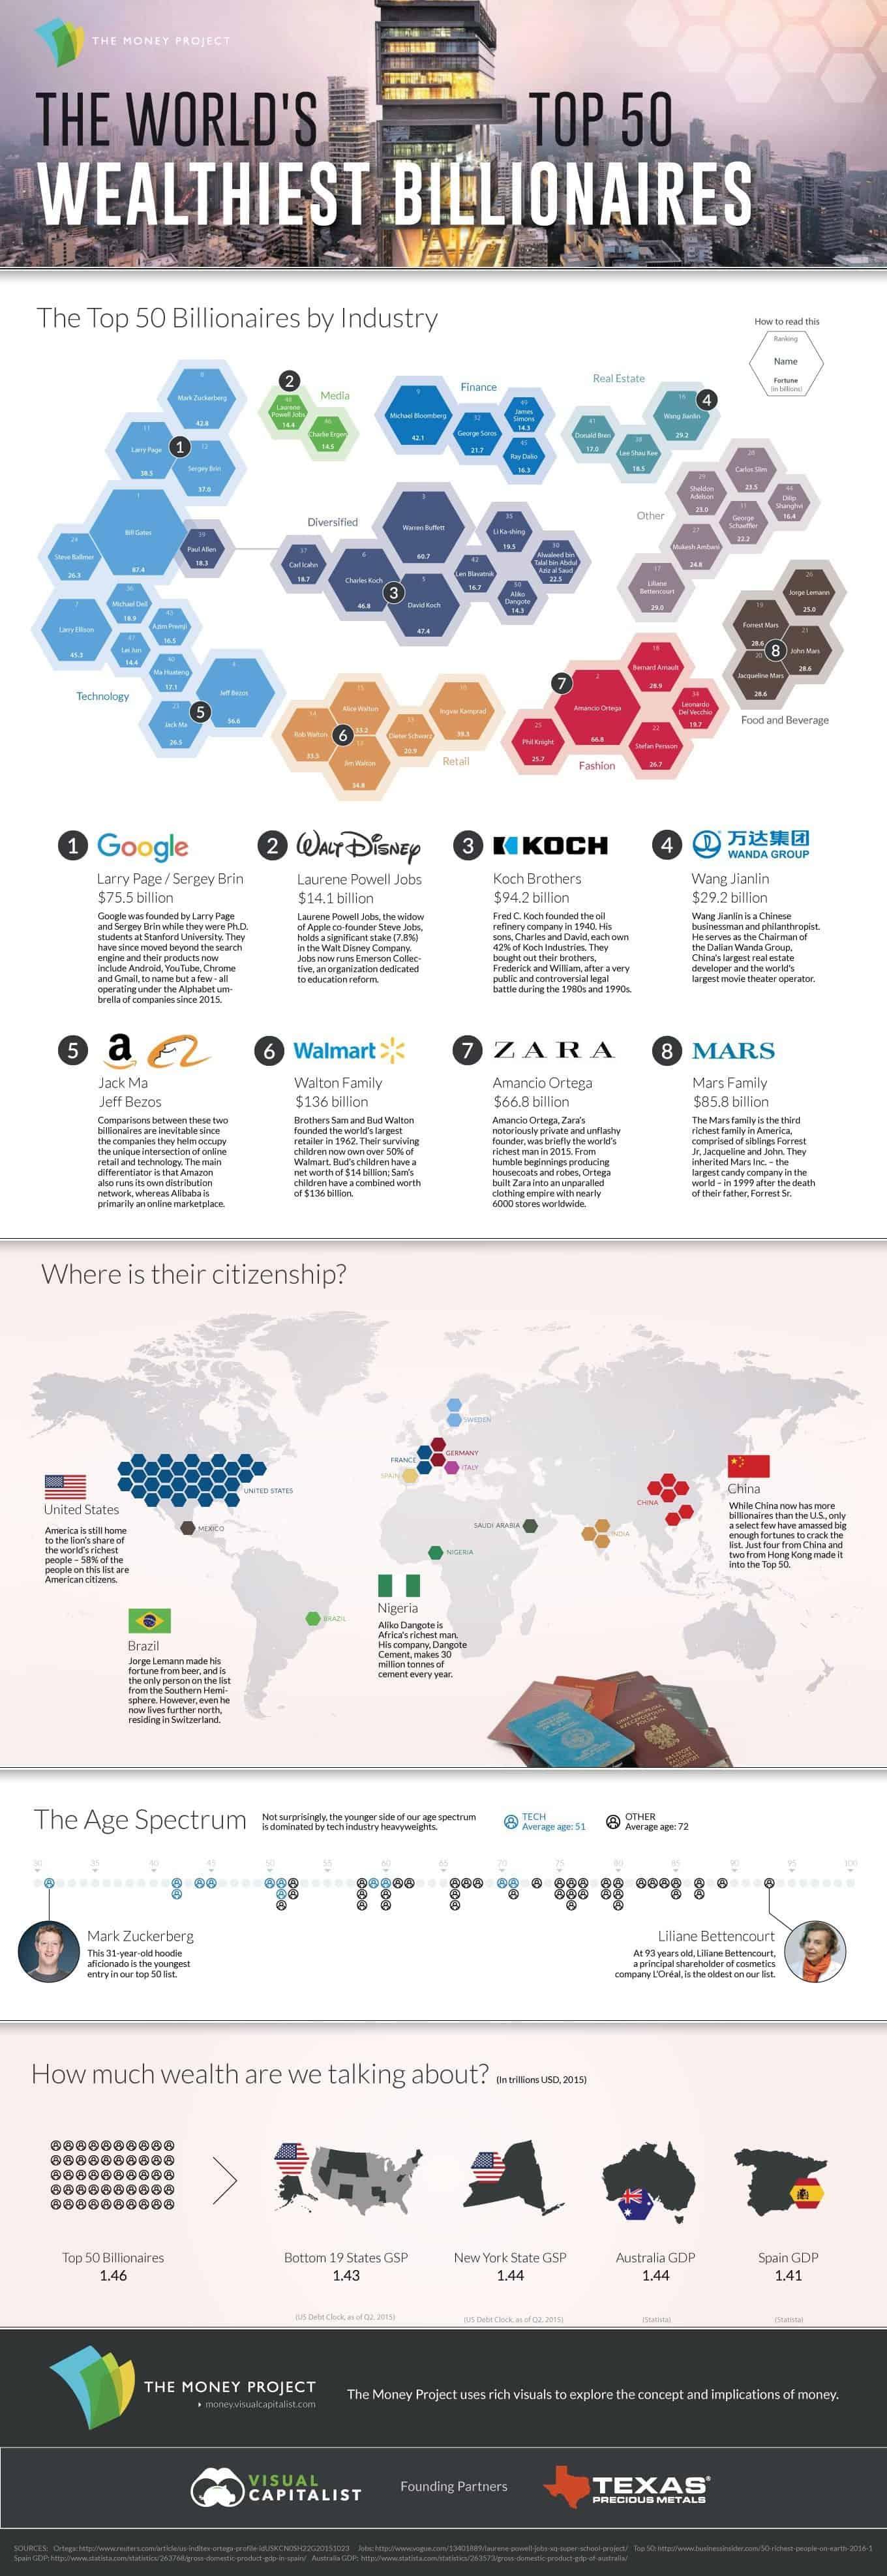 the-worlds-weathiest-50-billionaires 2